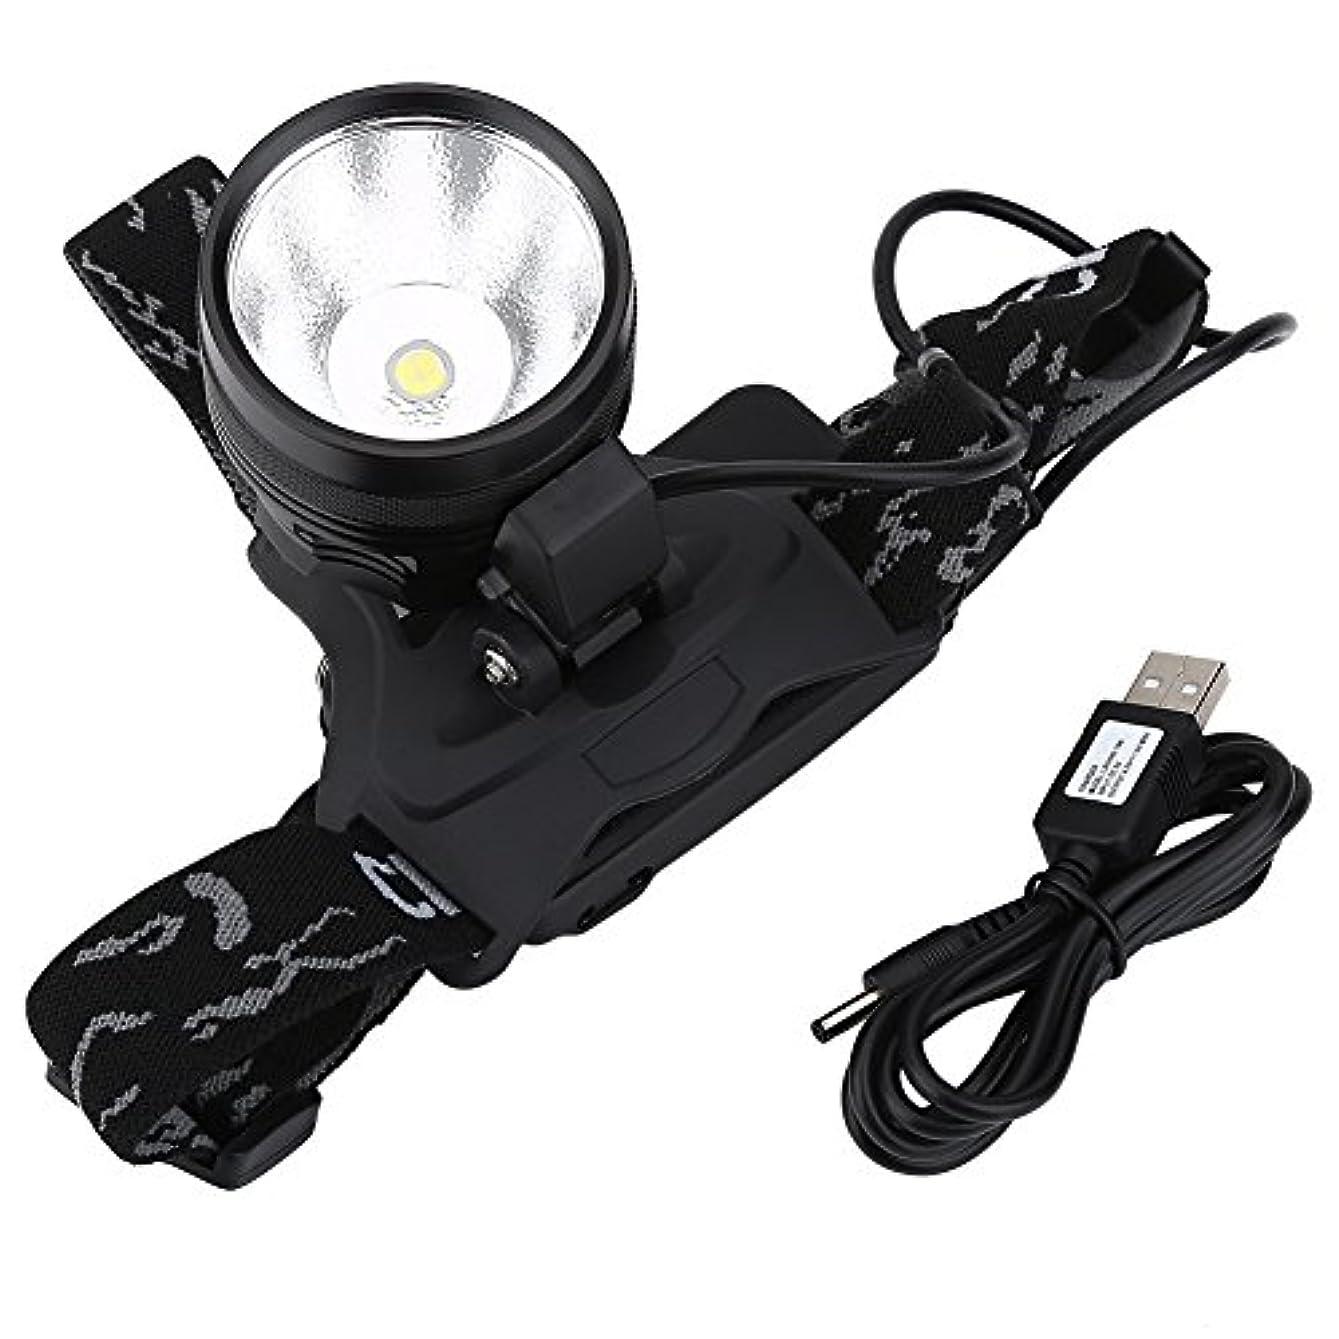 老人レジデンススタックLEDヘッドライト USB充電式 アウトドアライト 作業灯 高輝度 最大3000ルーメン コンパクト 夜間のサイクリング 釣り キャビング キャンプ ハンティング 緊急用